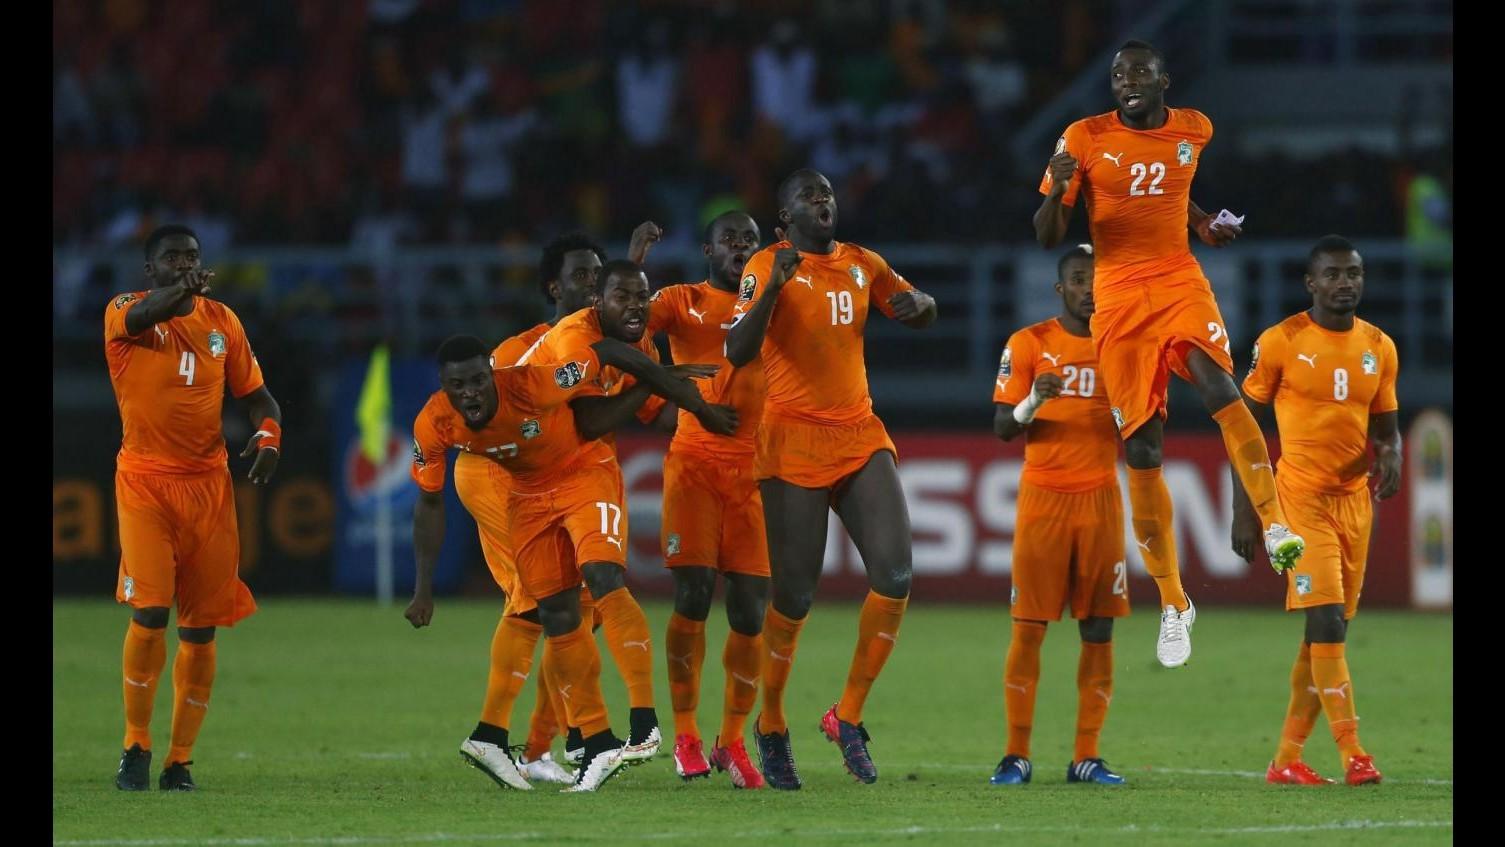 Costa d'Avorio vince Coppa d'Africa ai rigori, Ghana ko 9-8: decisivo gol del portiere